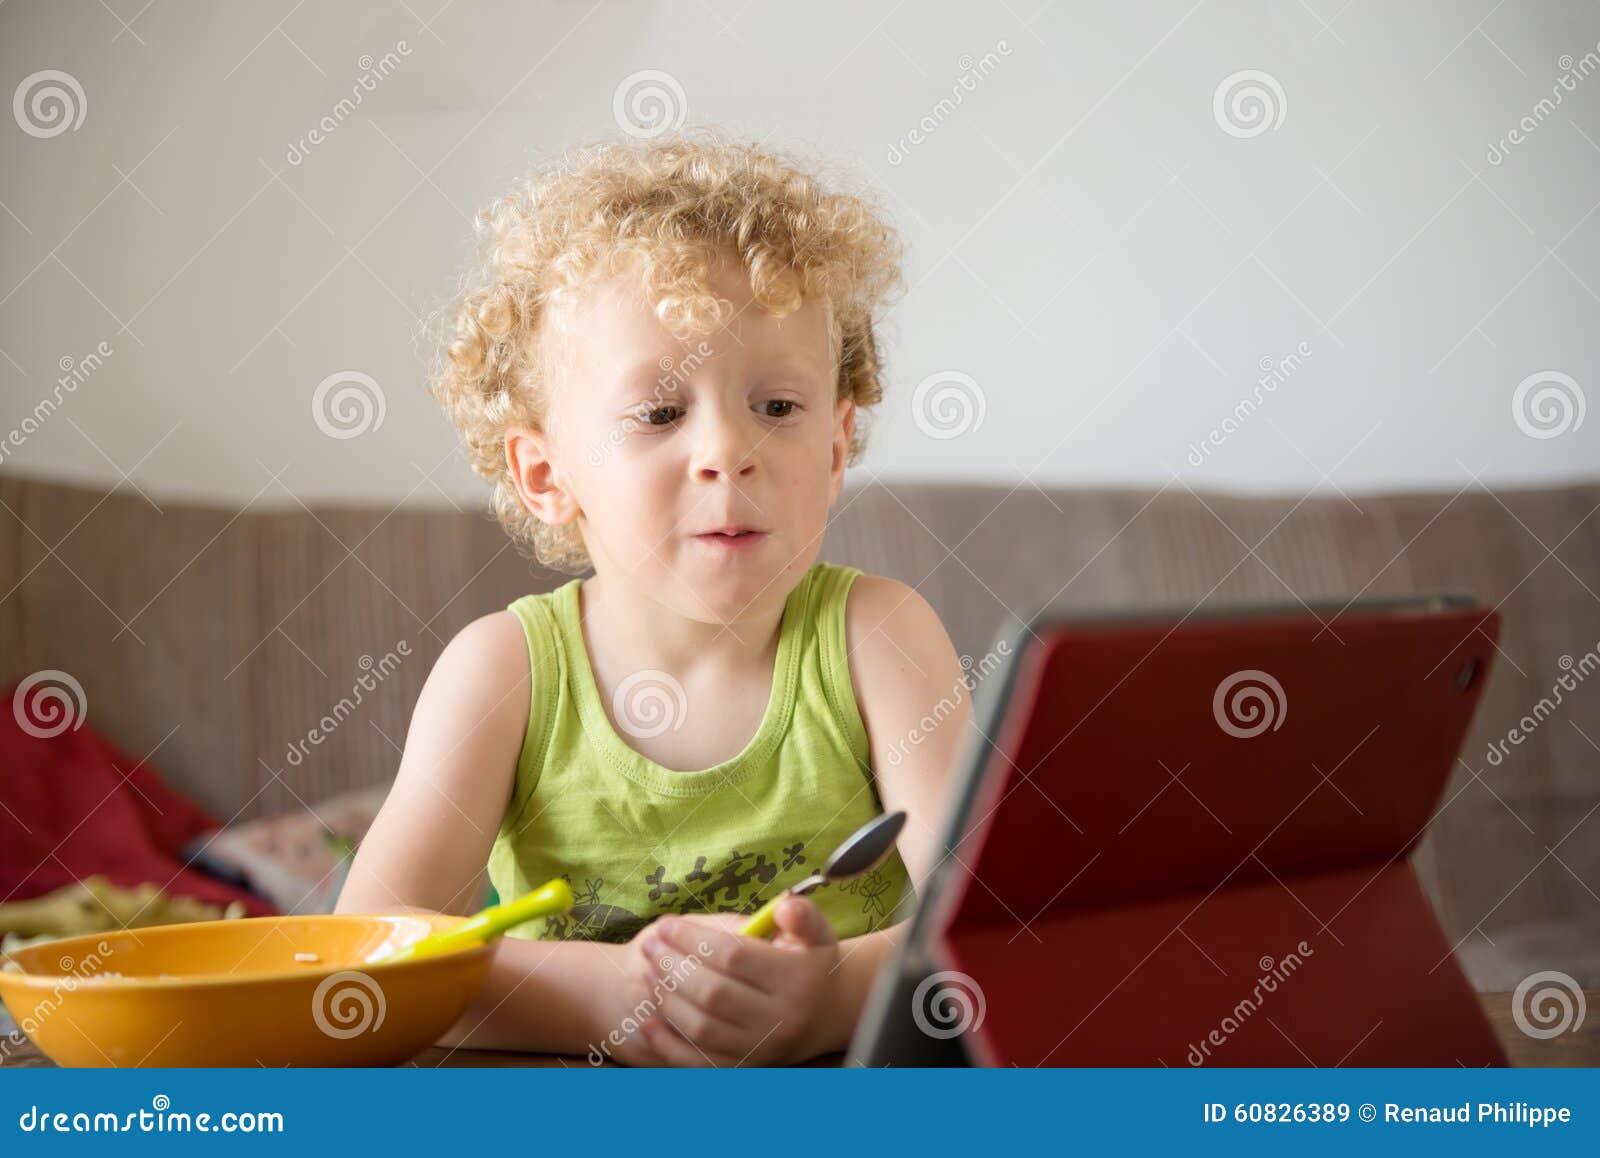 El niño joven come mientras que mira una tableta